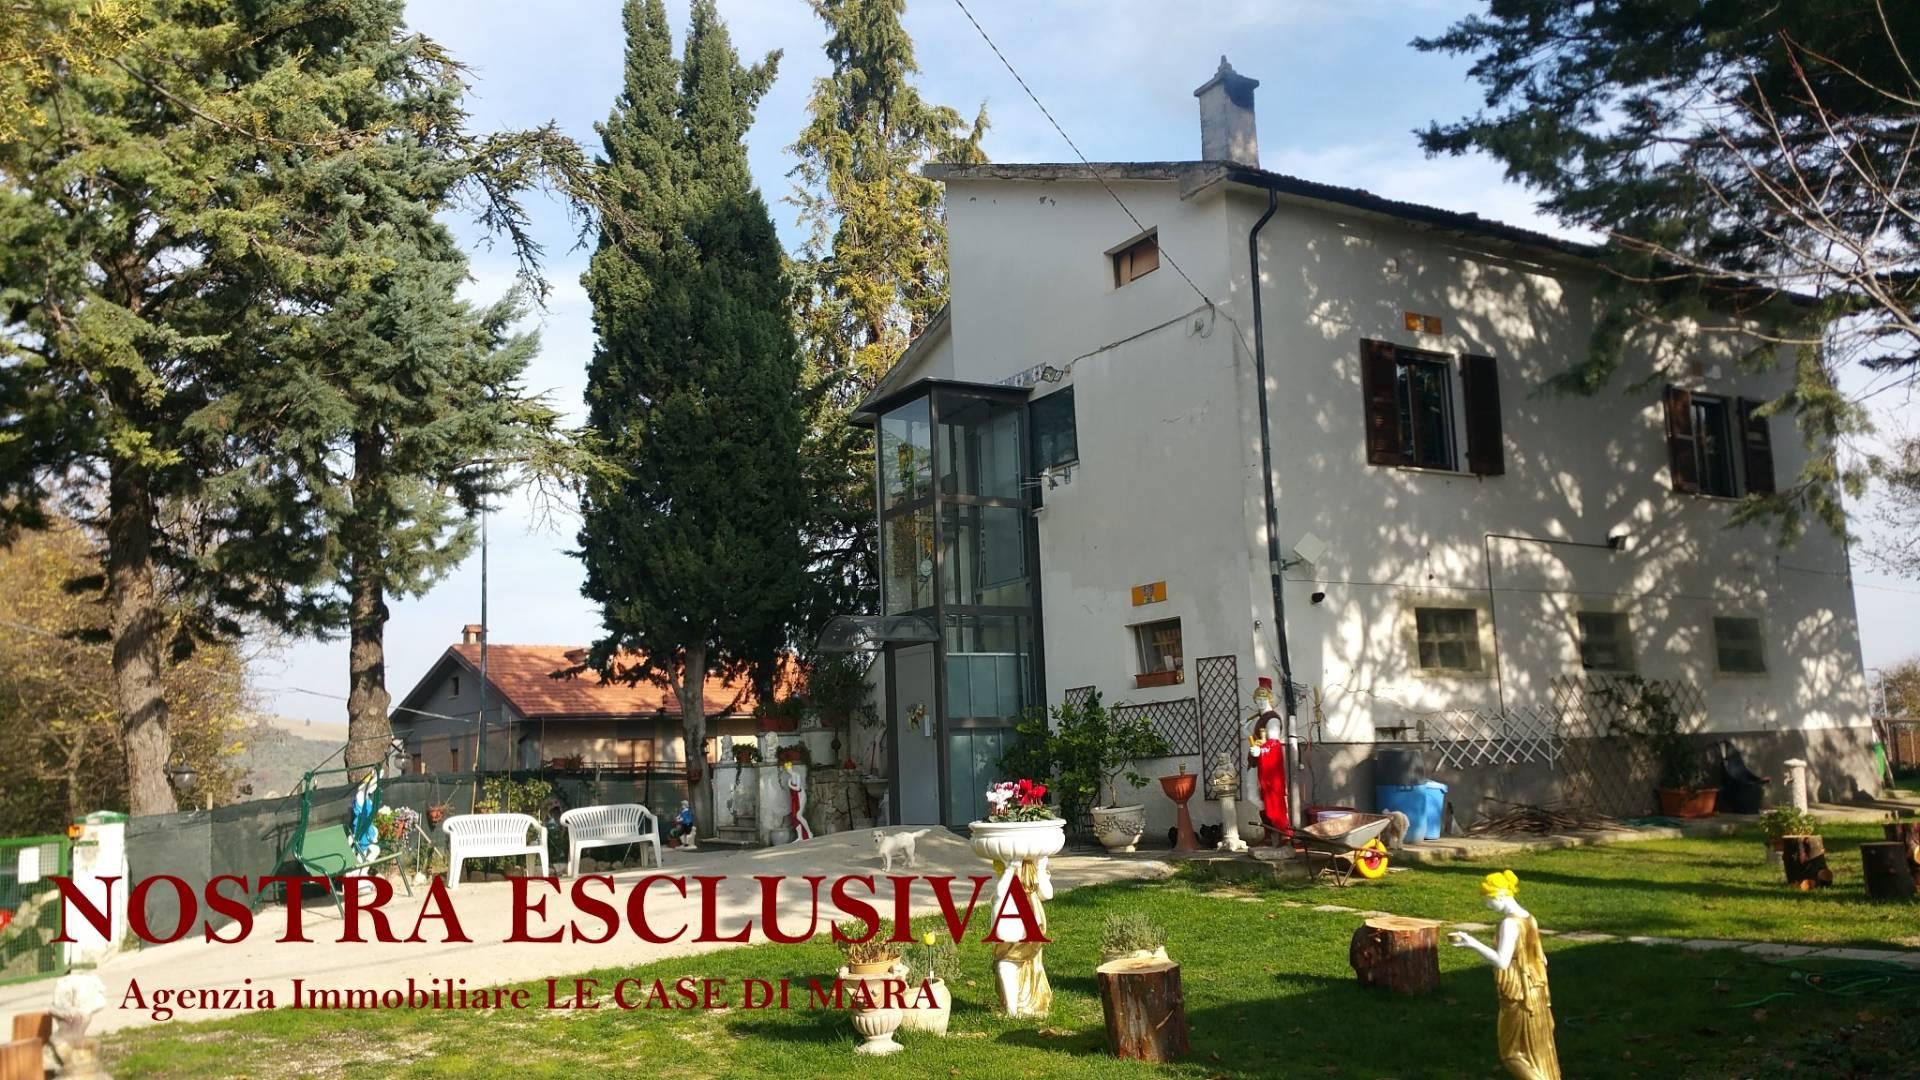 Rustico / Casale in vendita a Ascoli Piceno, 7 locali, zona Località: MonticelliAlto, prezzo € 270.000 | Cambio Casa.it